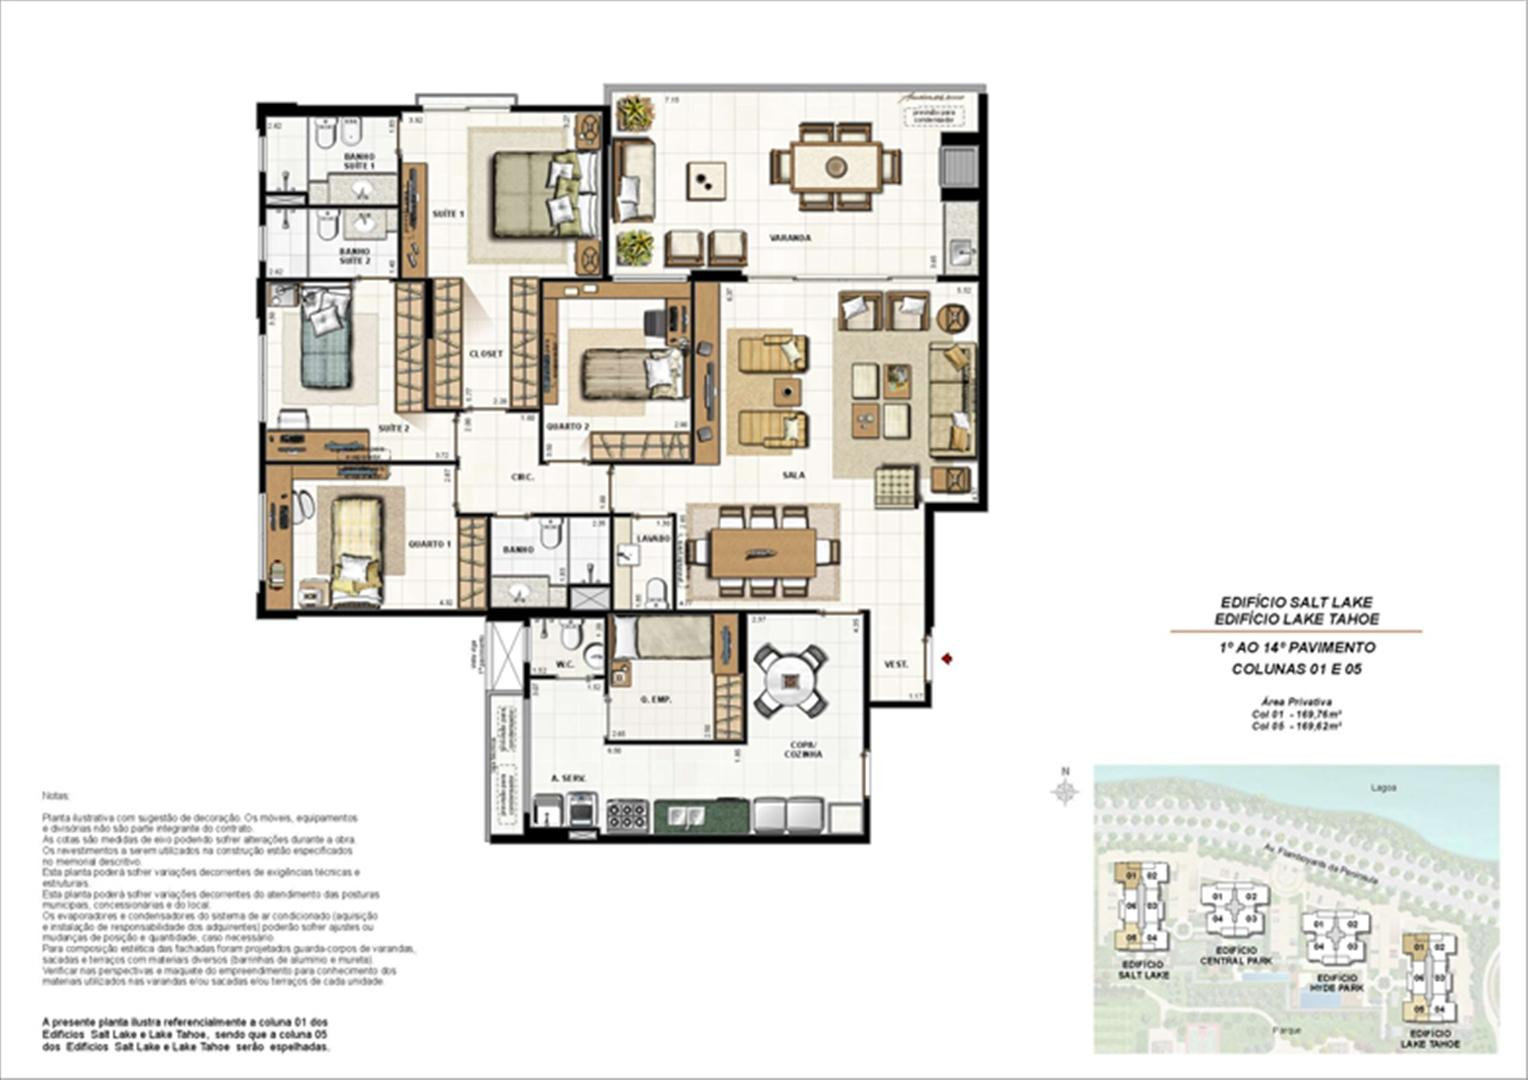 Ed. Salt Lake e Ed. Lake Tahoe - Planta Tipo 169 m² | 360º On The Park – Apartamento na  Barra da Tijuca - Rio de Janeiro - Rio de Janeiro